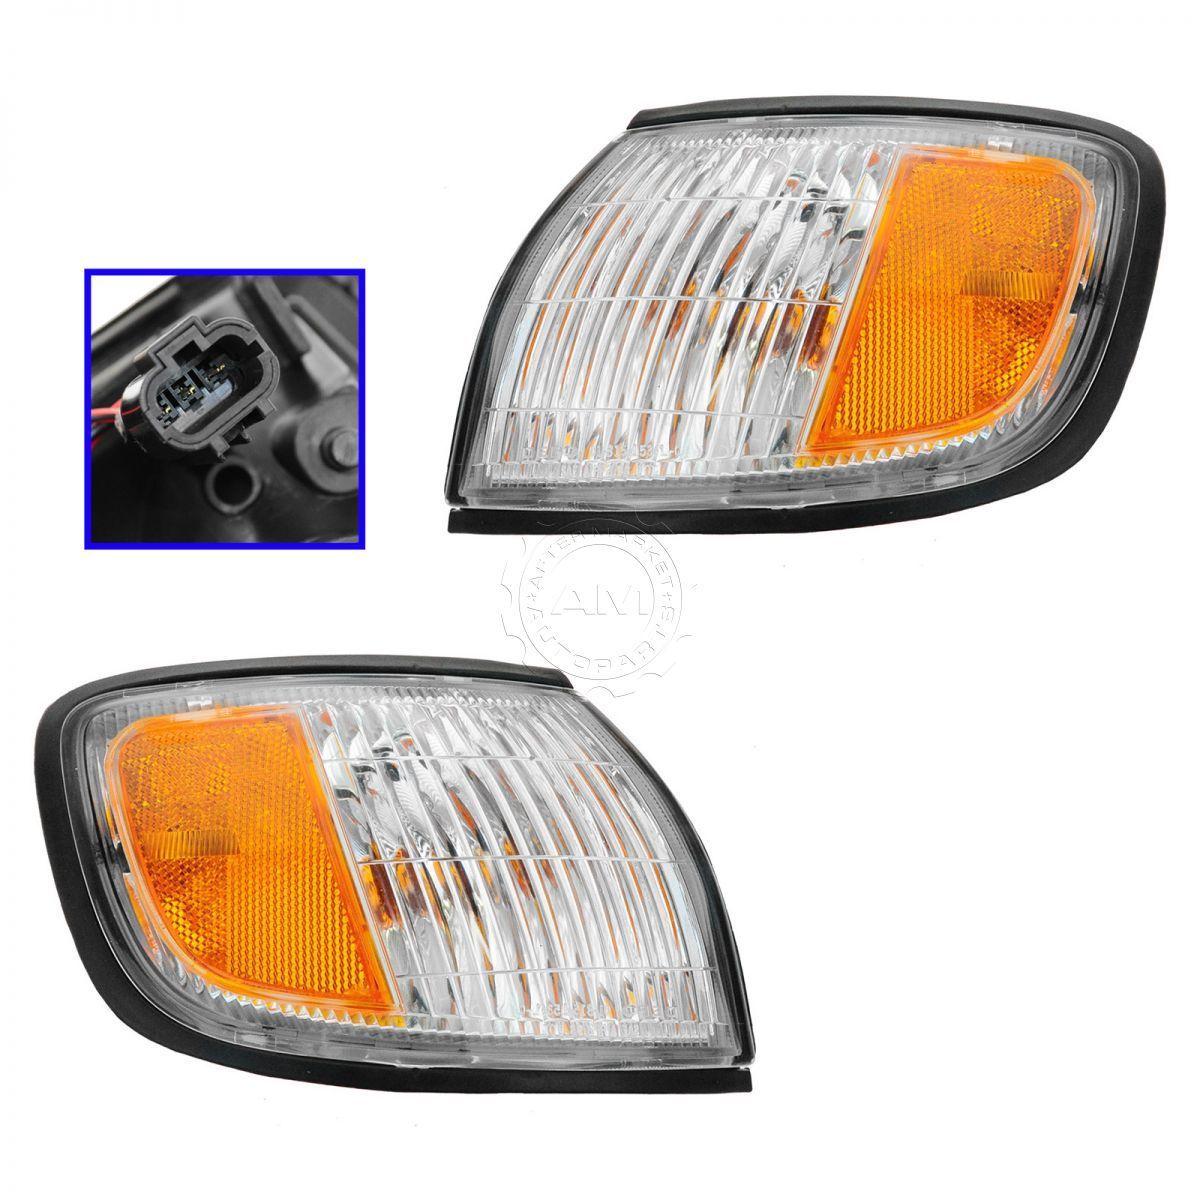 コーナーライト Parking Lights Corner Lamps Left & Right Pair Set for 98-99 Infiniti I30 パーキングライトコーナーランプ左& 98-99インフィニティI30の右ペアセット